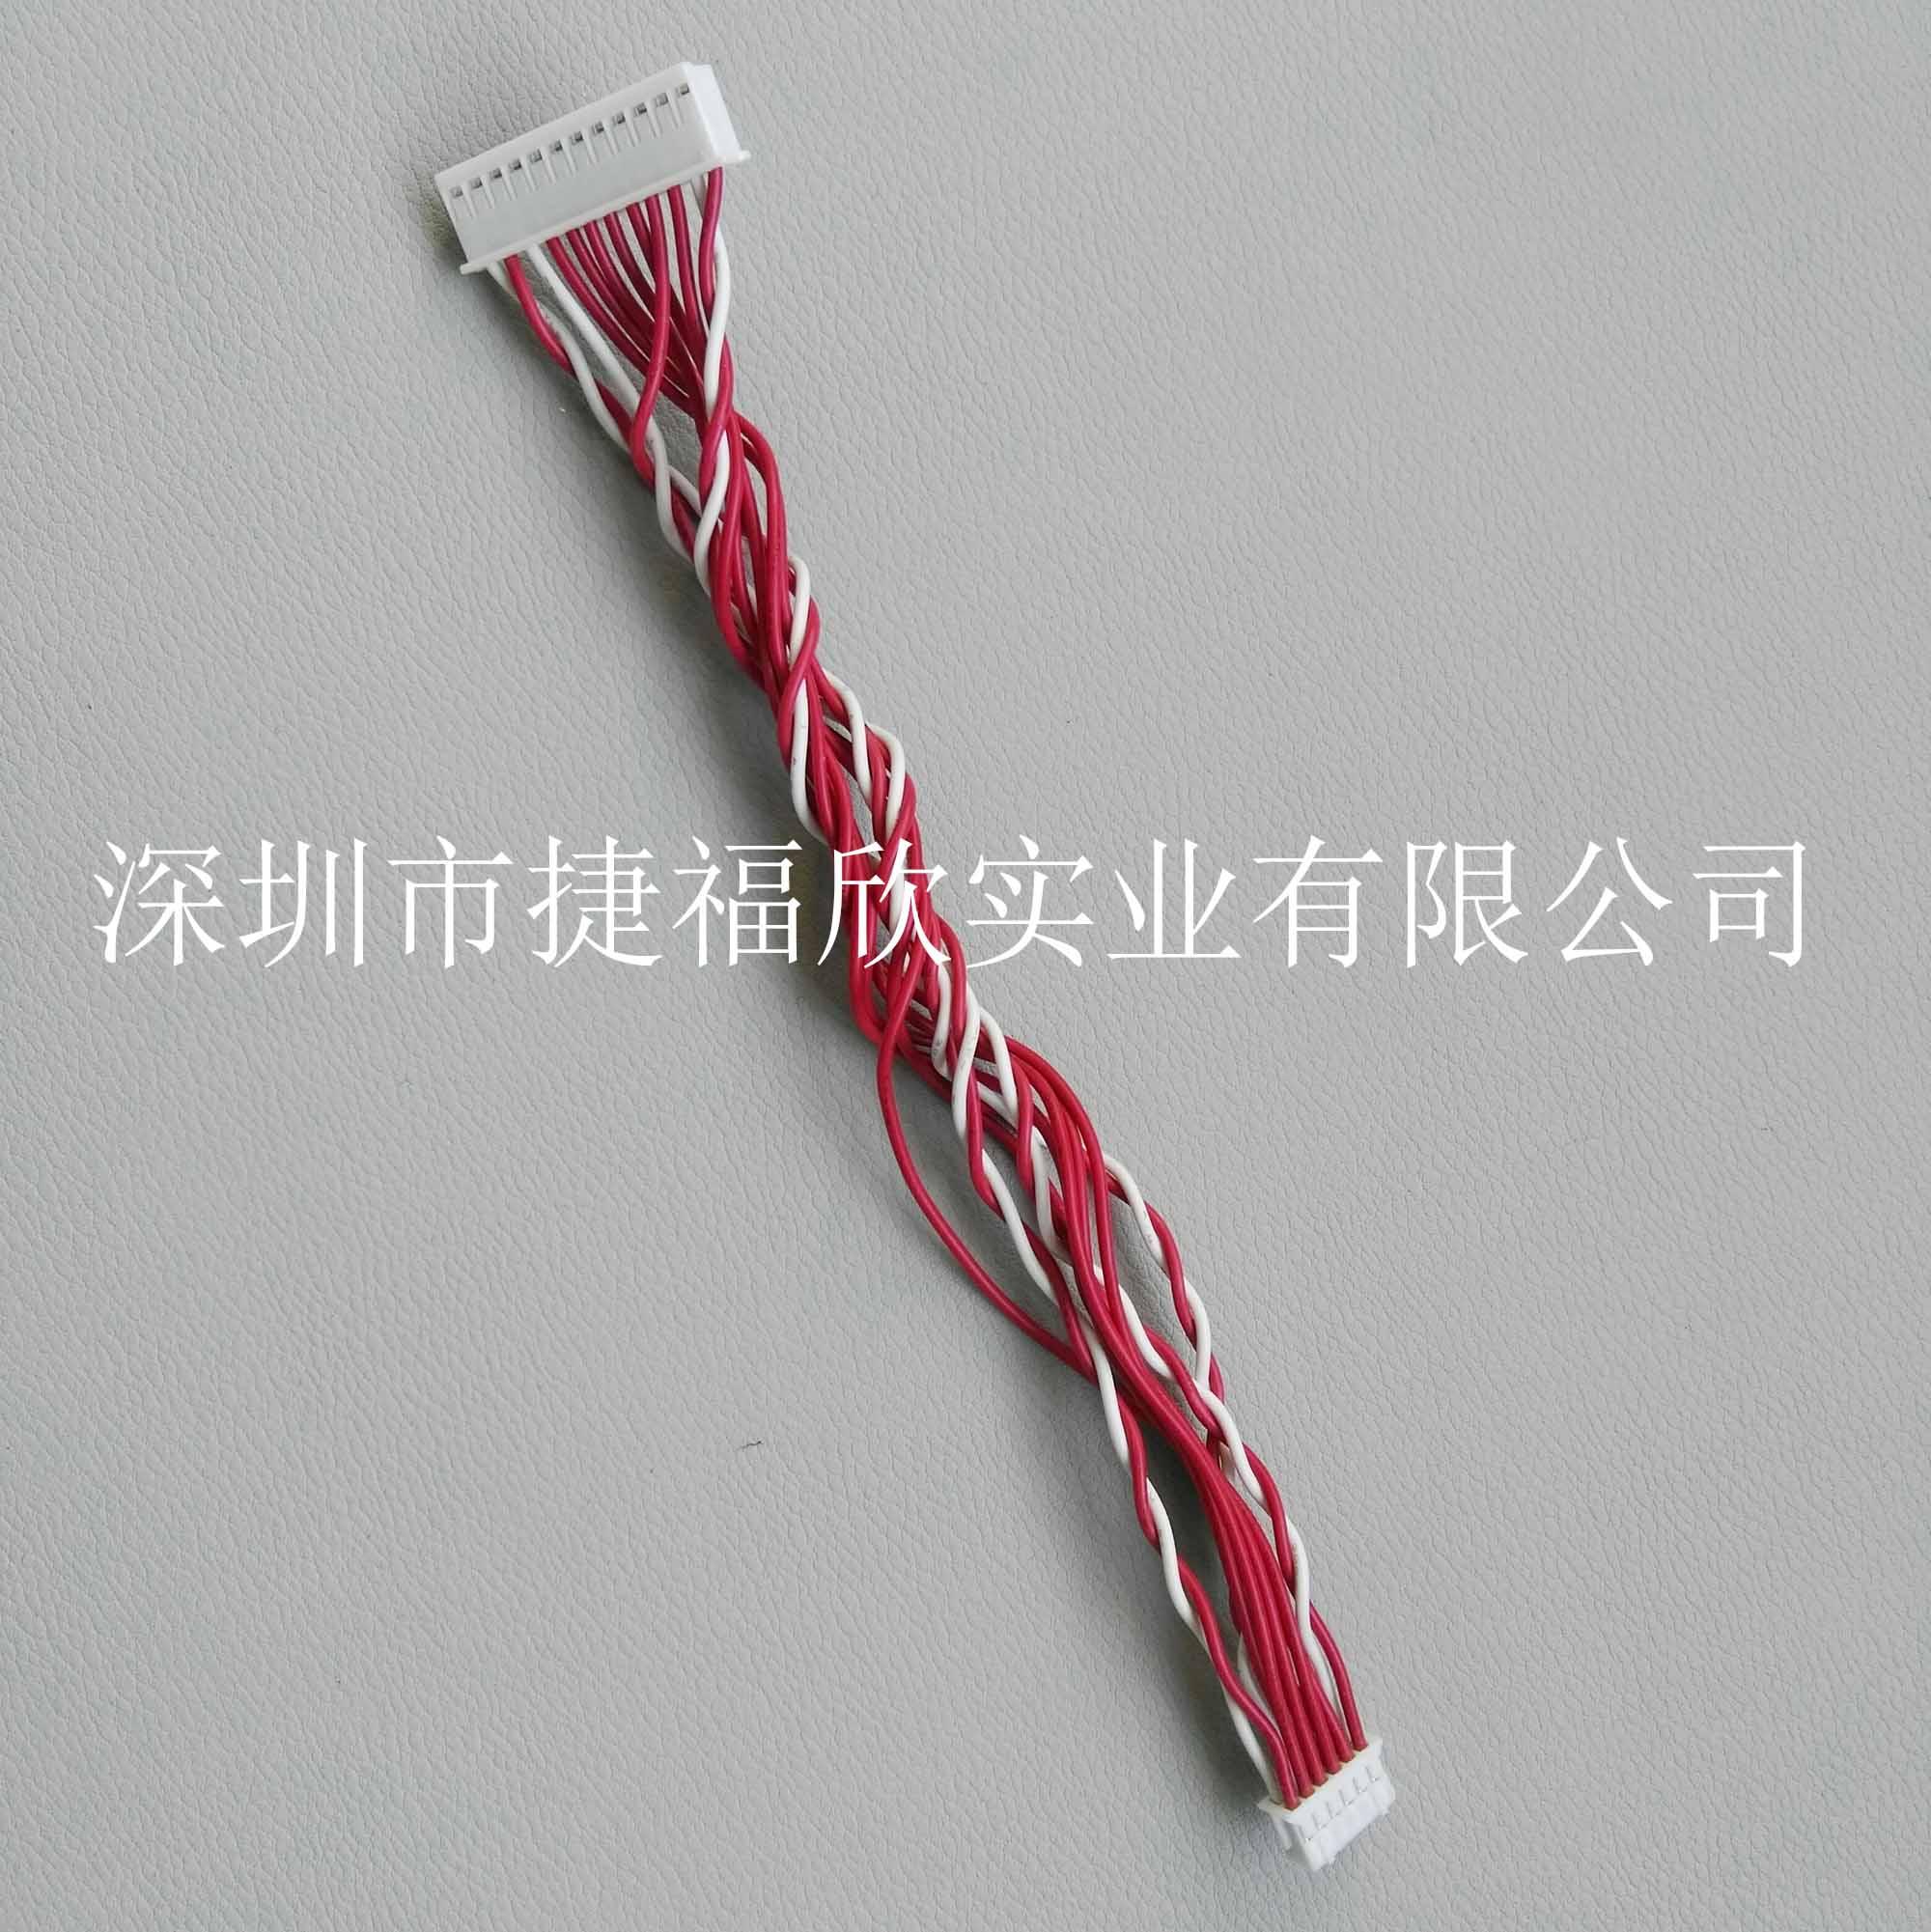 深圳环保UL1007 24AWG 深圳线材线束线缆加工